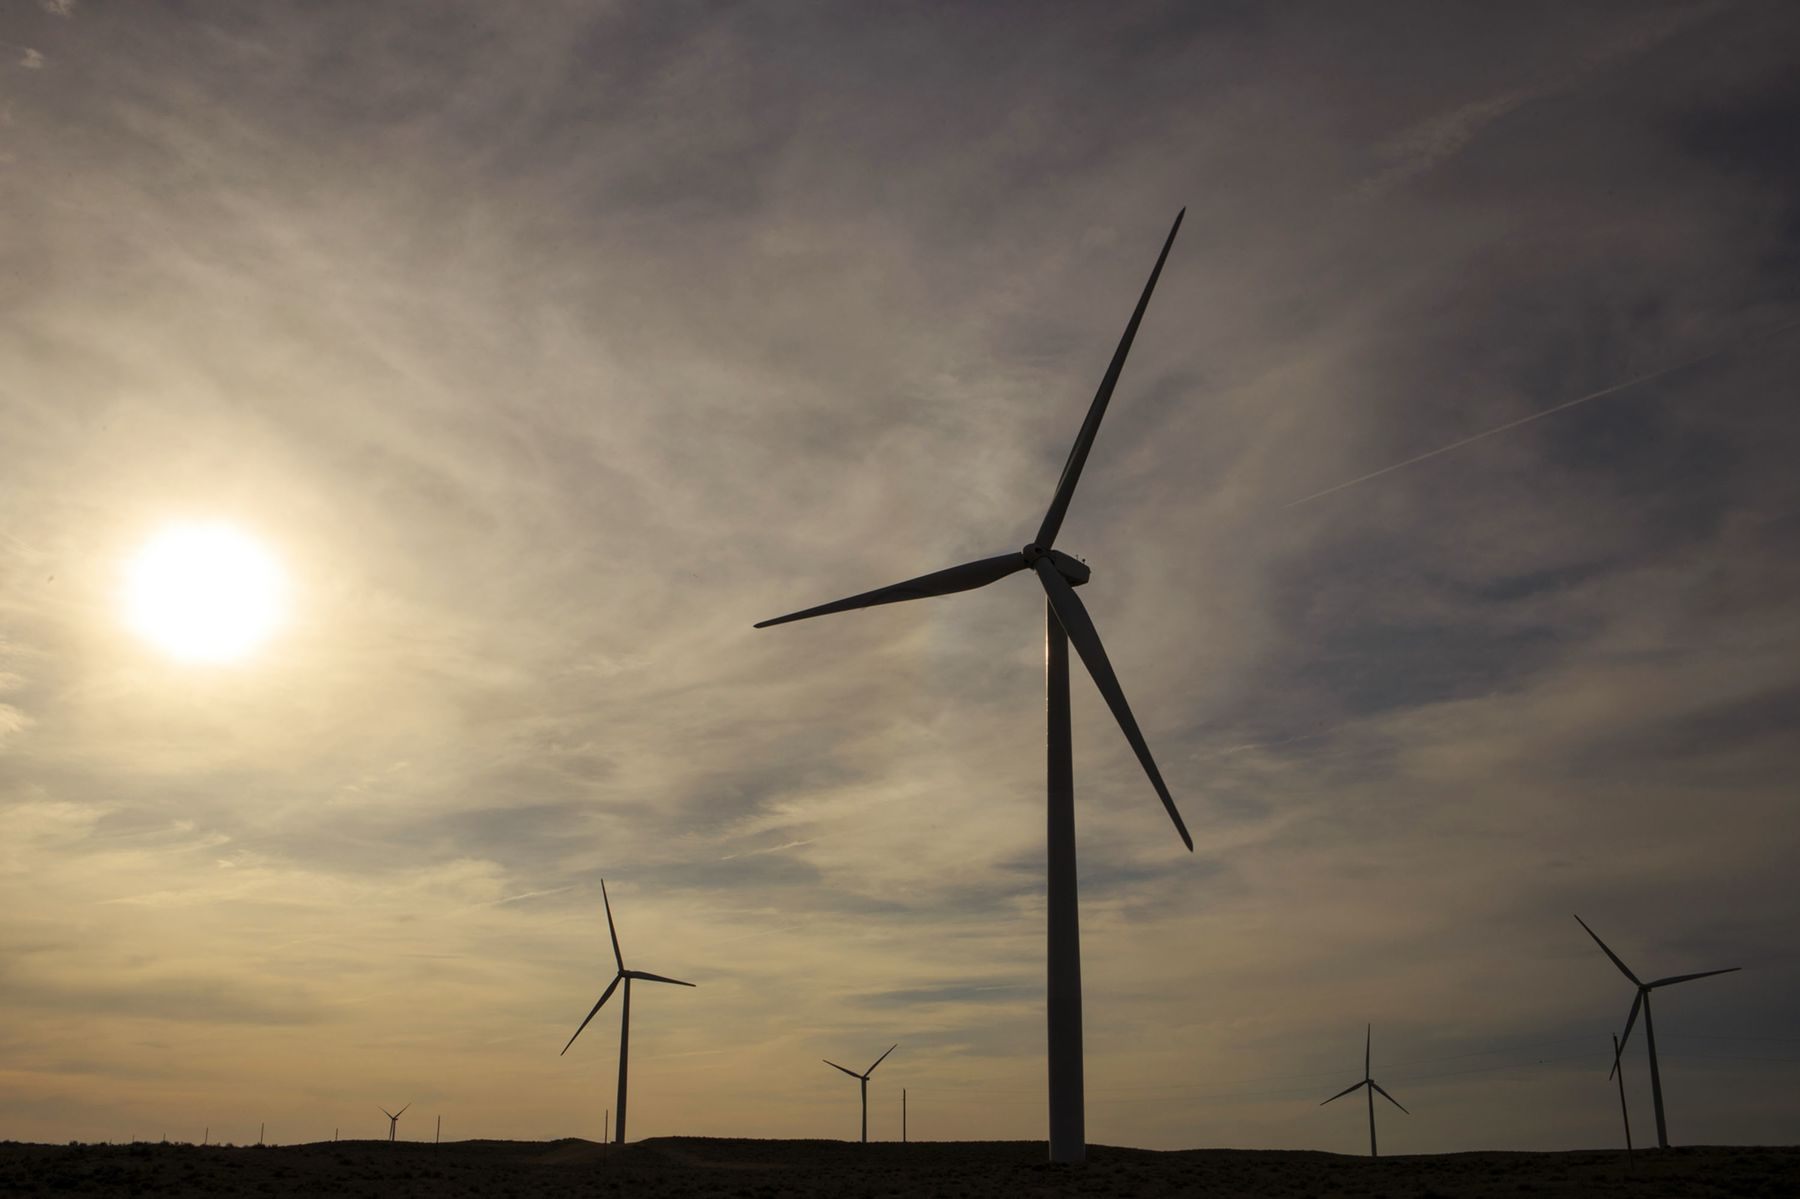 Wind farminColorado, U.S.,